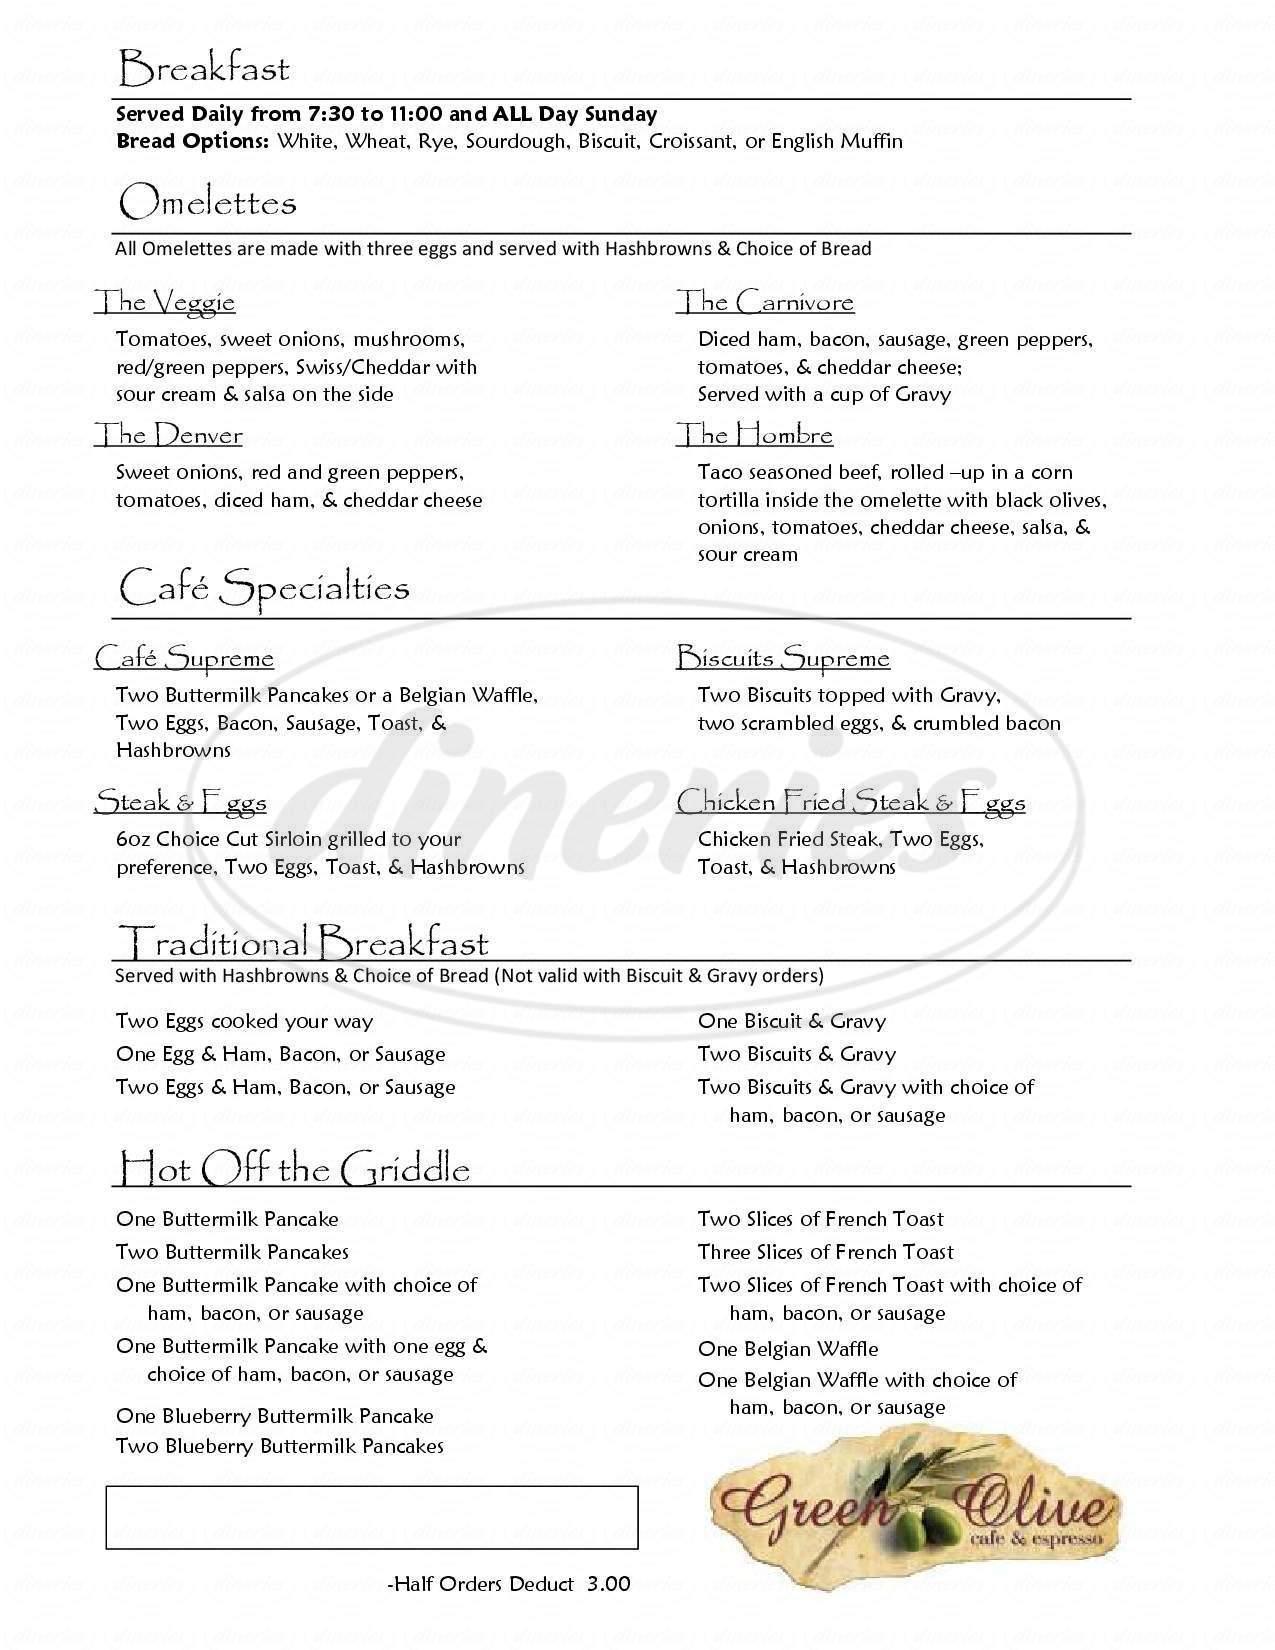 menu for Green Olive Cafe